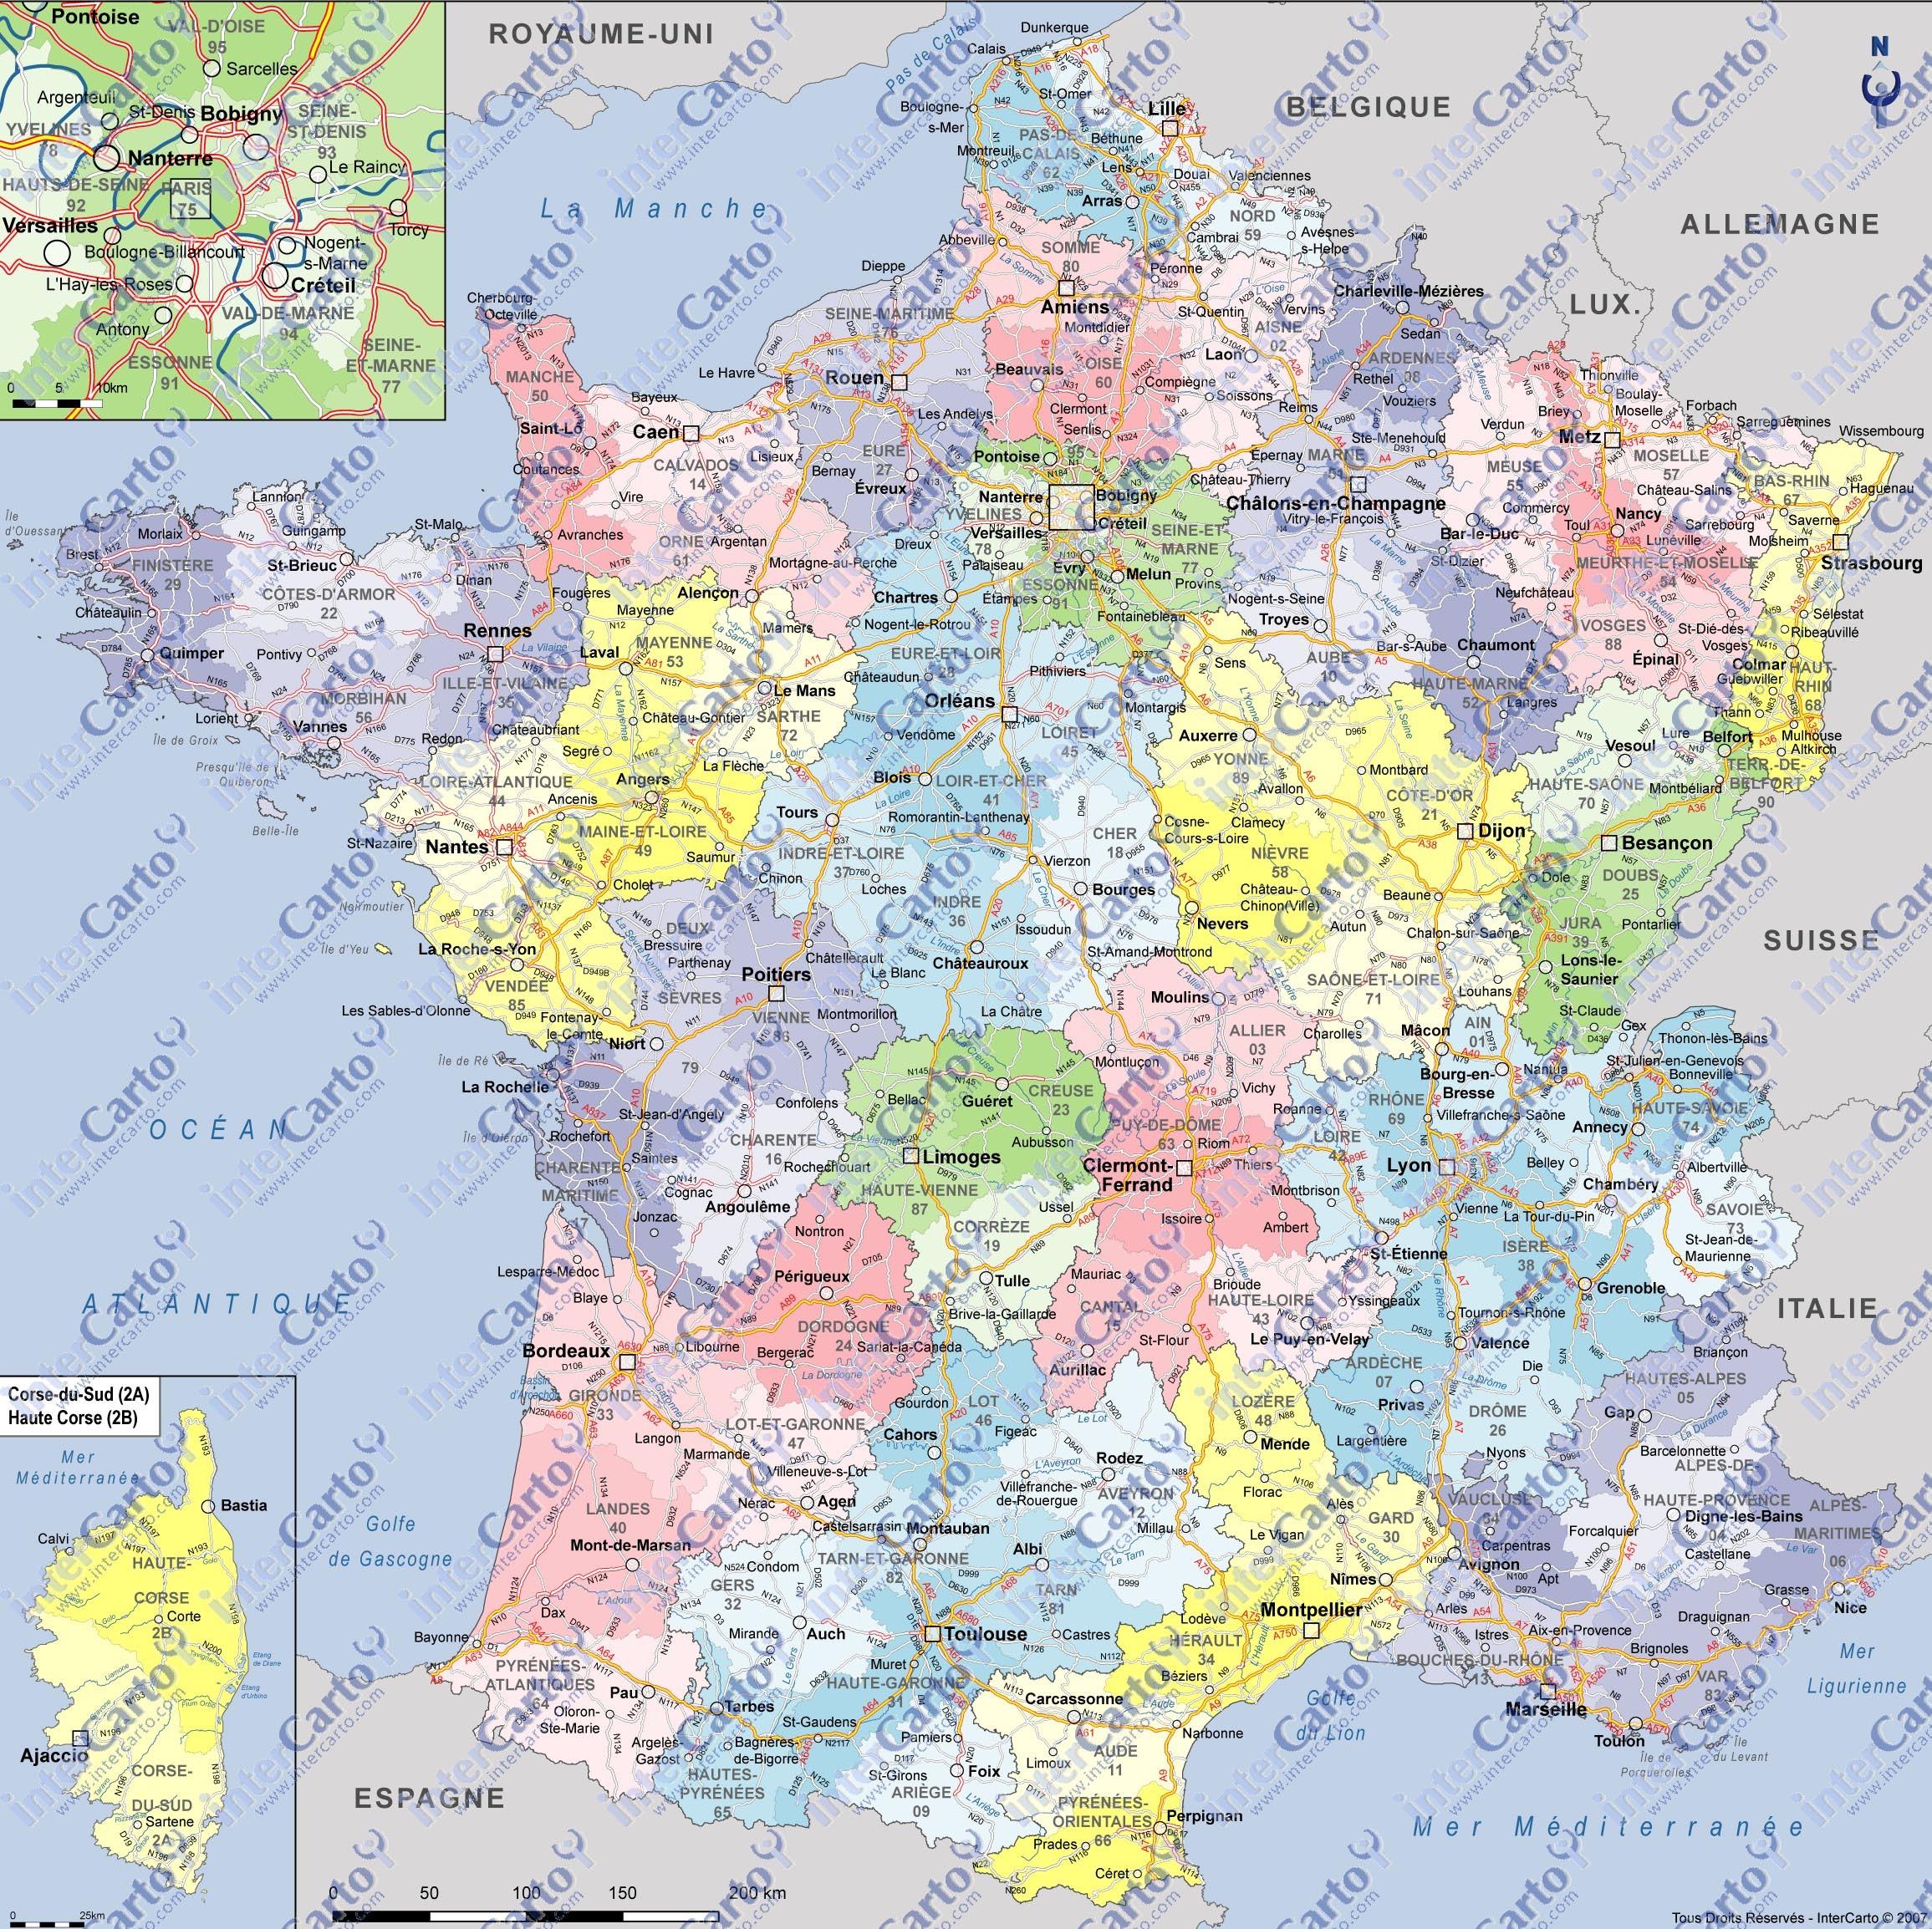 Carte Sud France Departement Roger Habilleur 5134002B250 concernant Carte De France Imprimable Gratuite